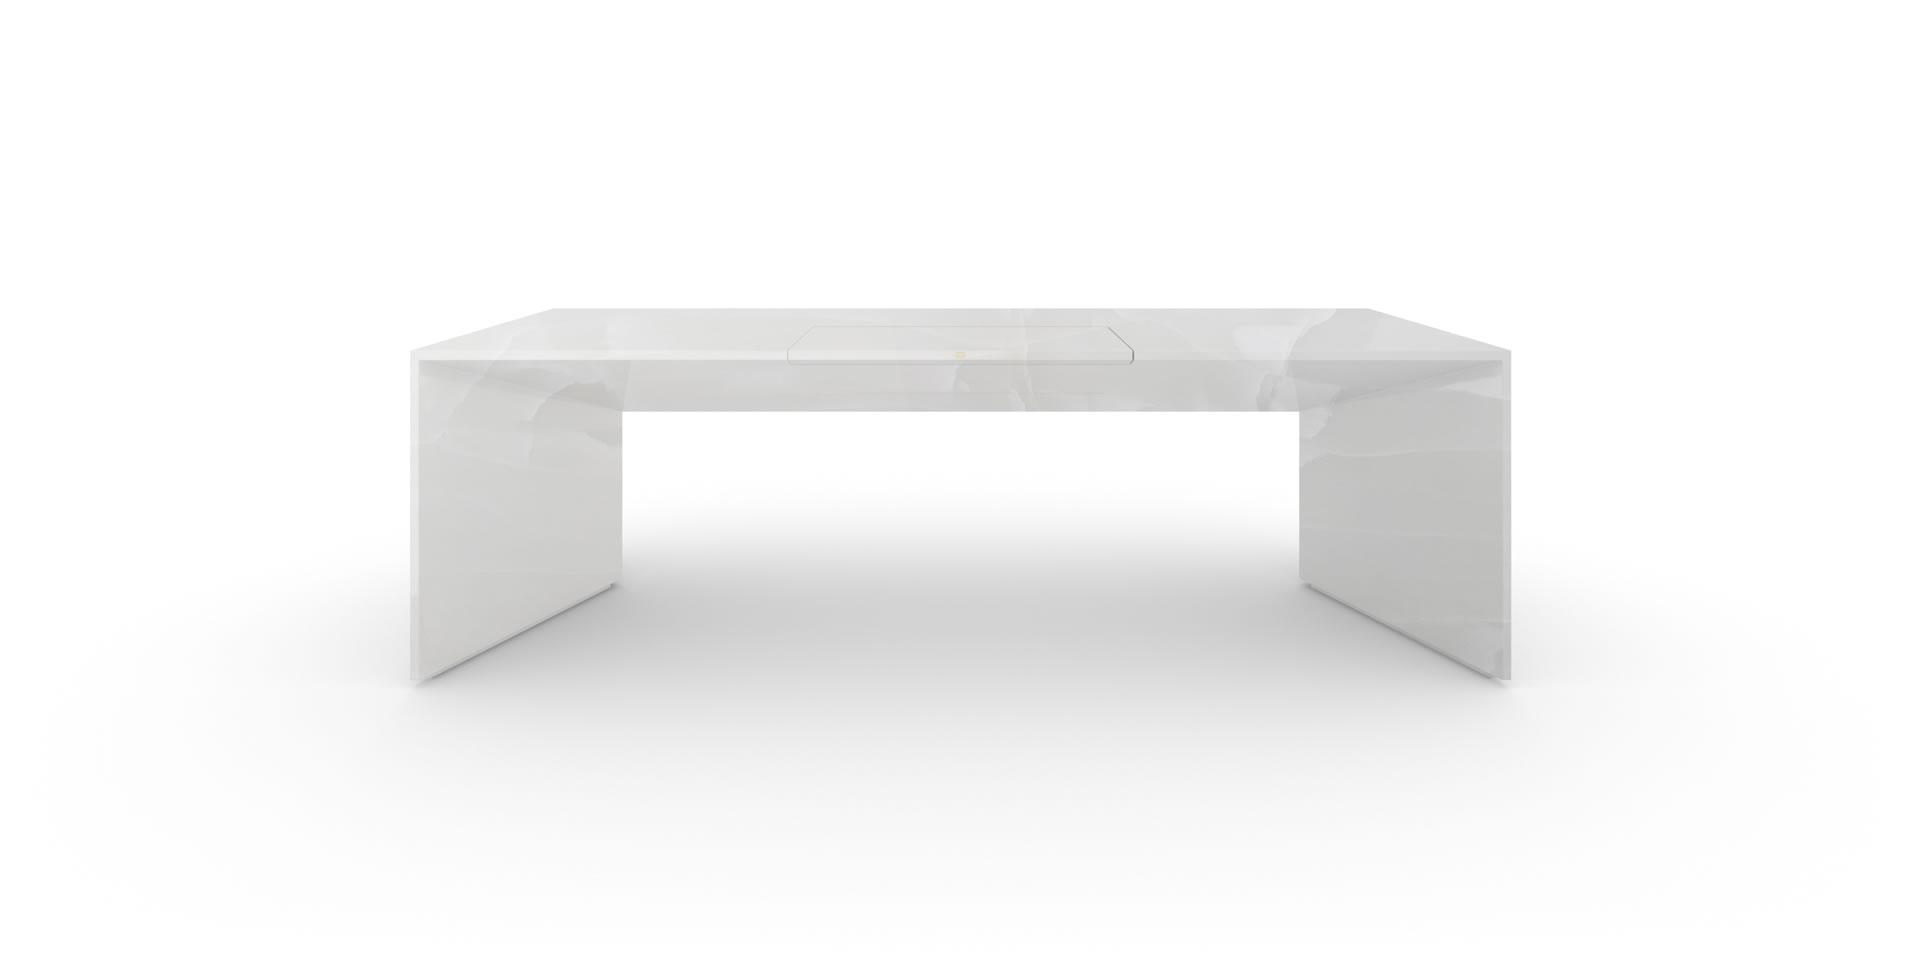 Bezaubernd Schreibtisch Weiß Groß Galerie Von Design-schreibtisch, Groß, Marmor, Weiß - Felix Schwake